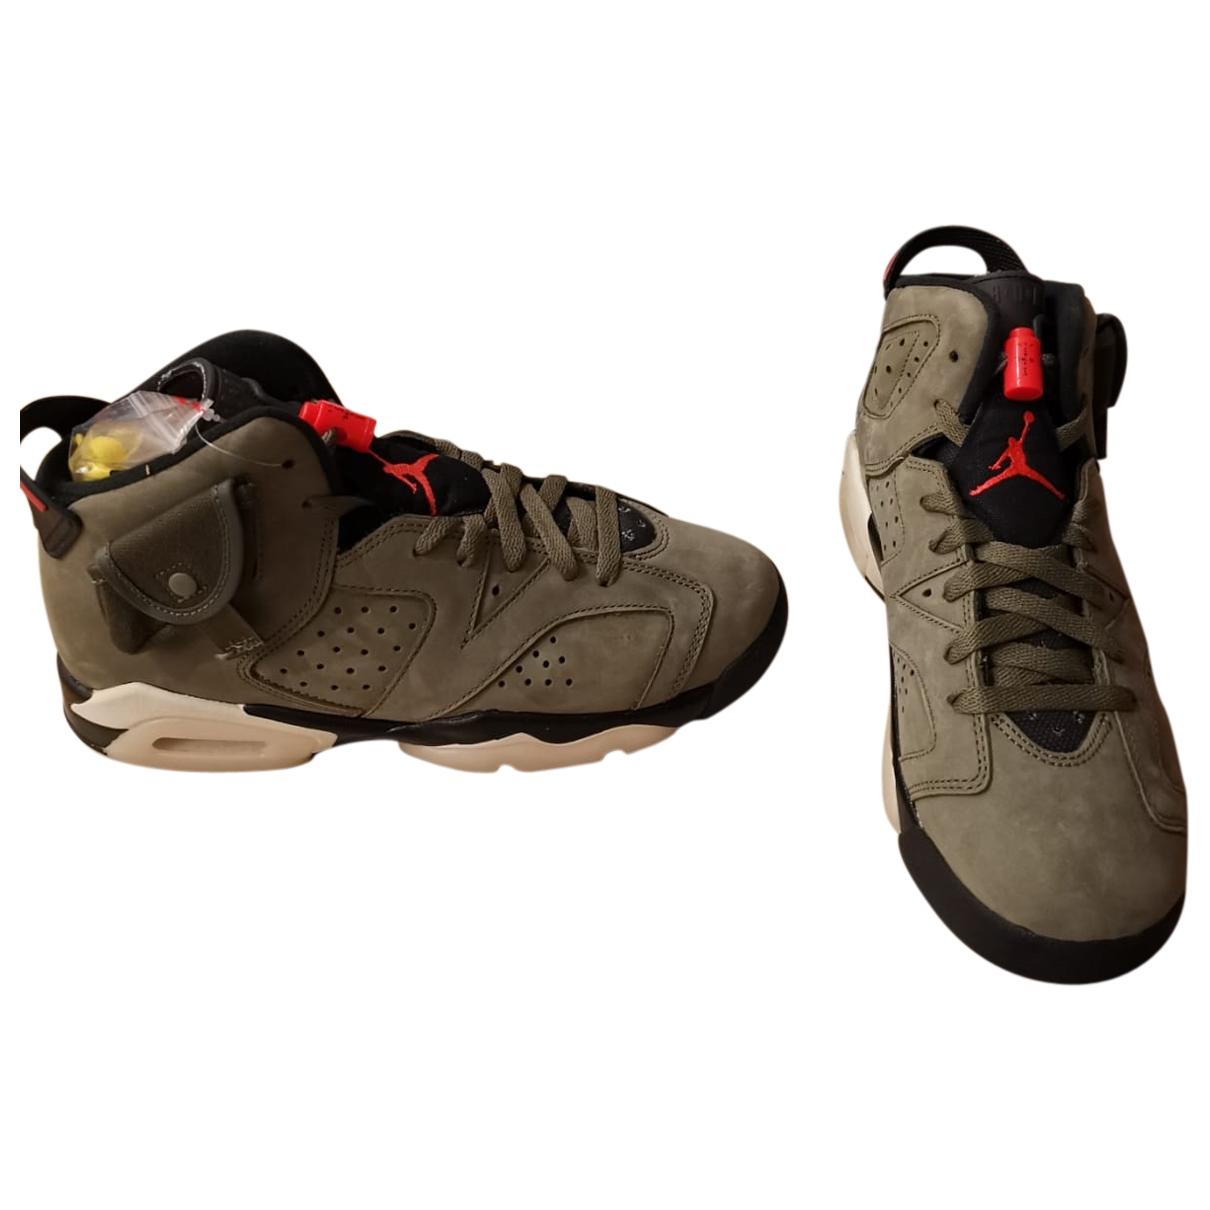 Nike X Travis Scott Air Jordan 1 Khaki Suede Trainers for Women 38.5 EU